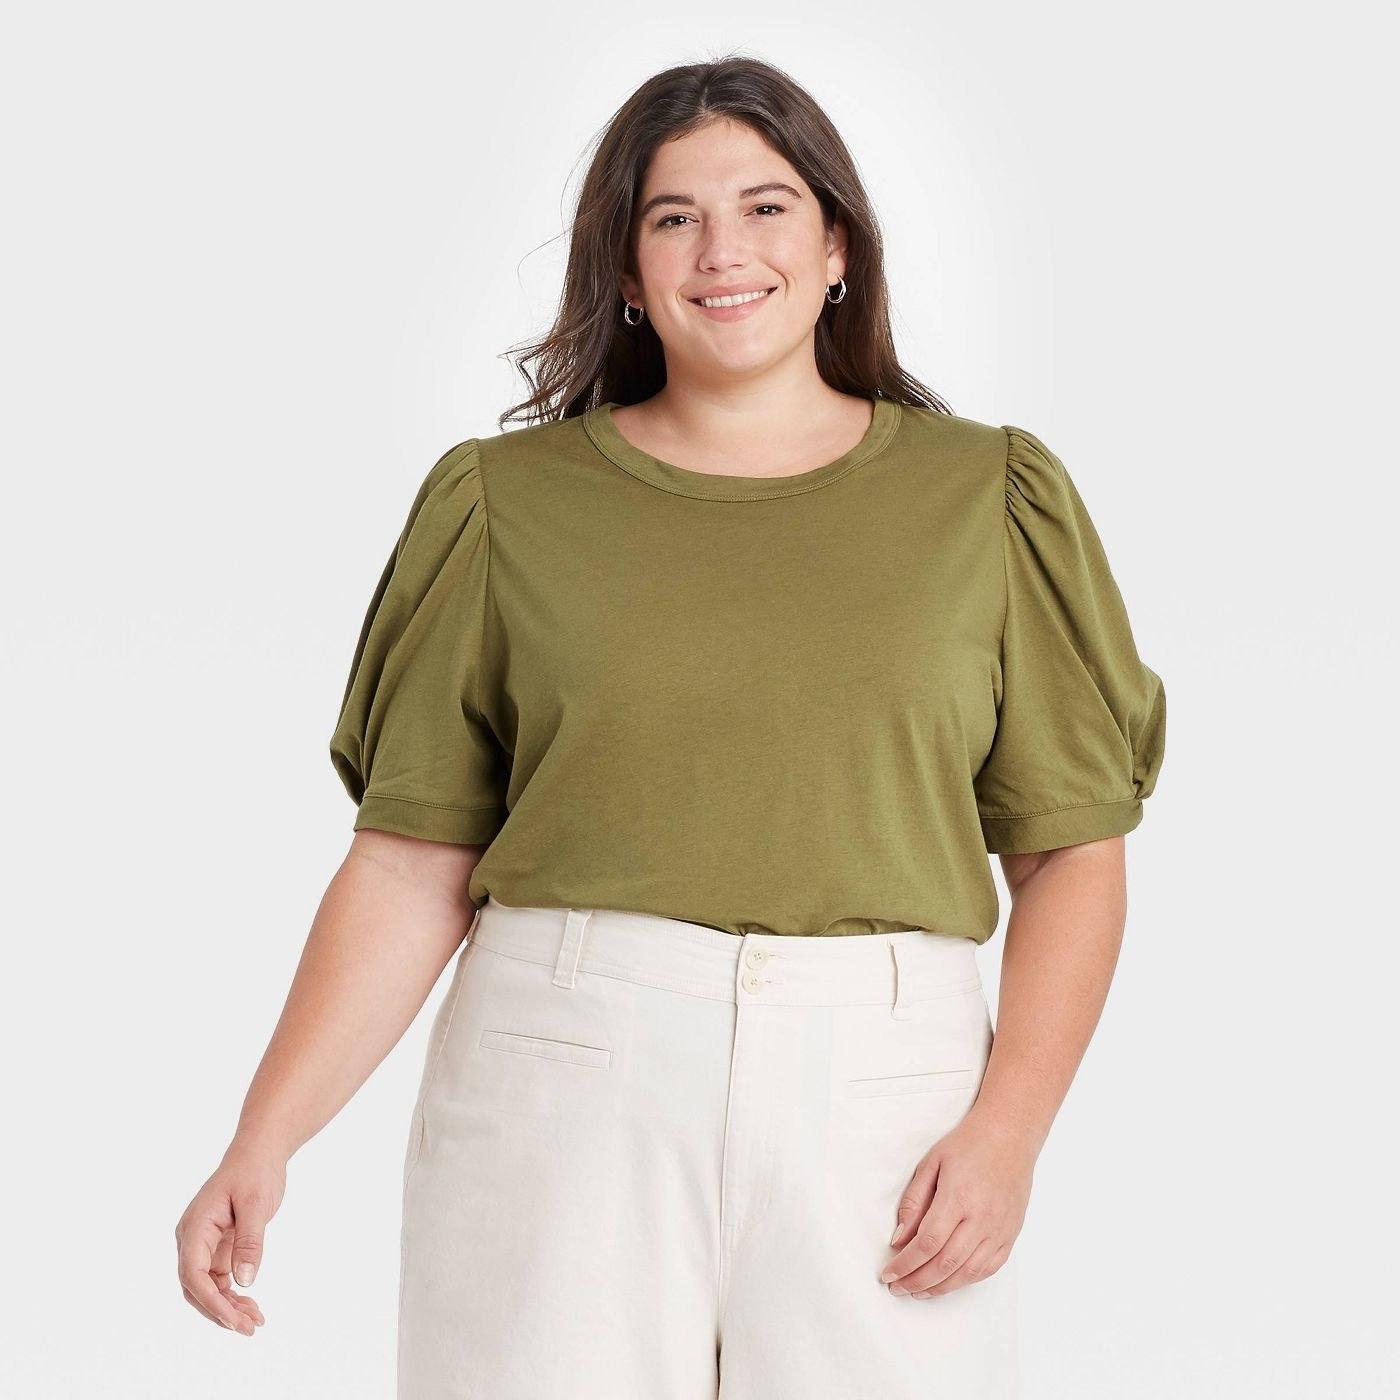 Model wearing green T-shirt top